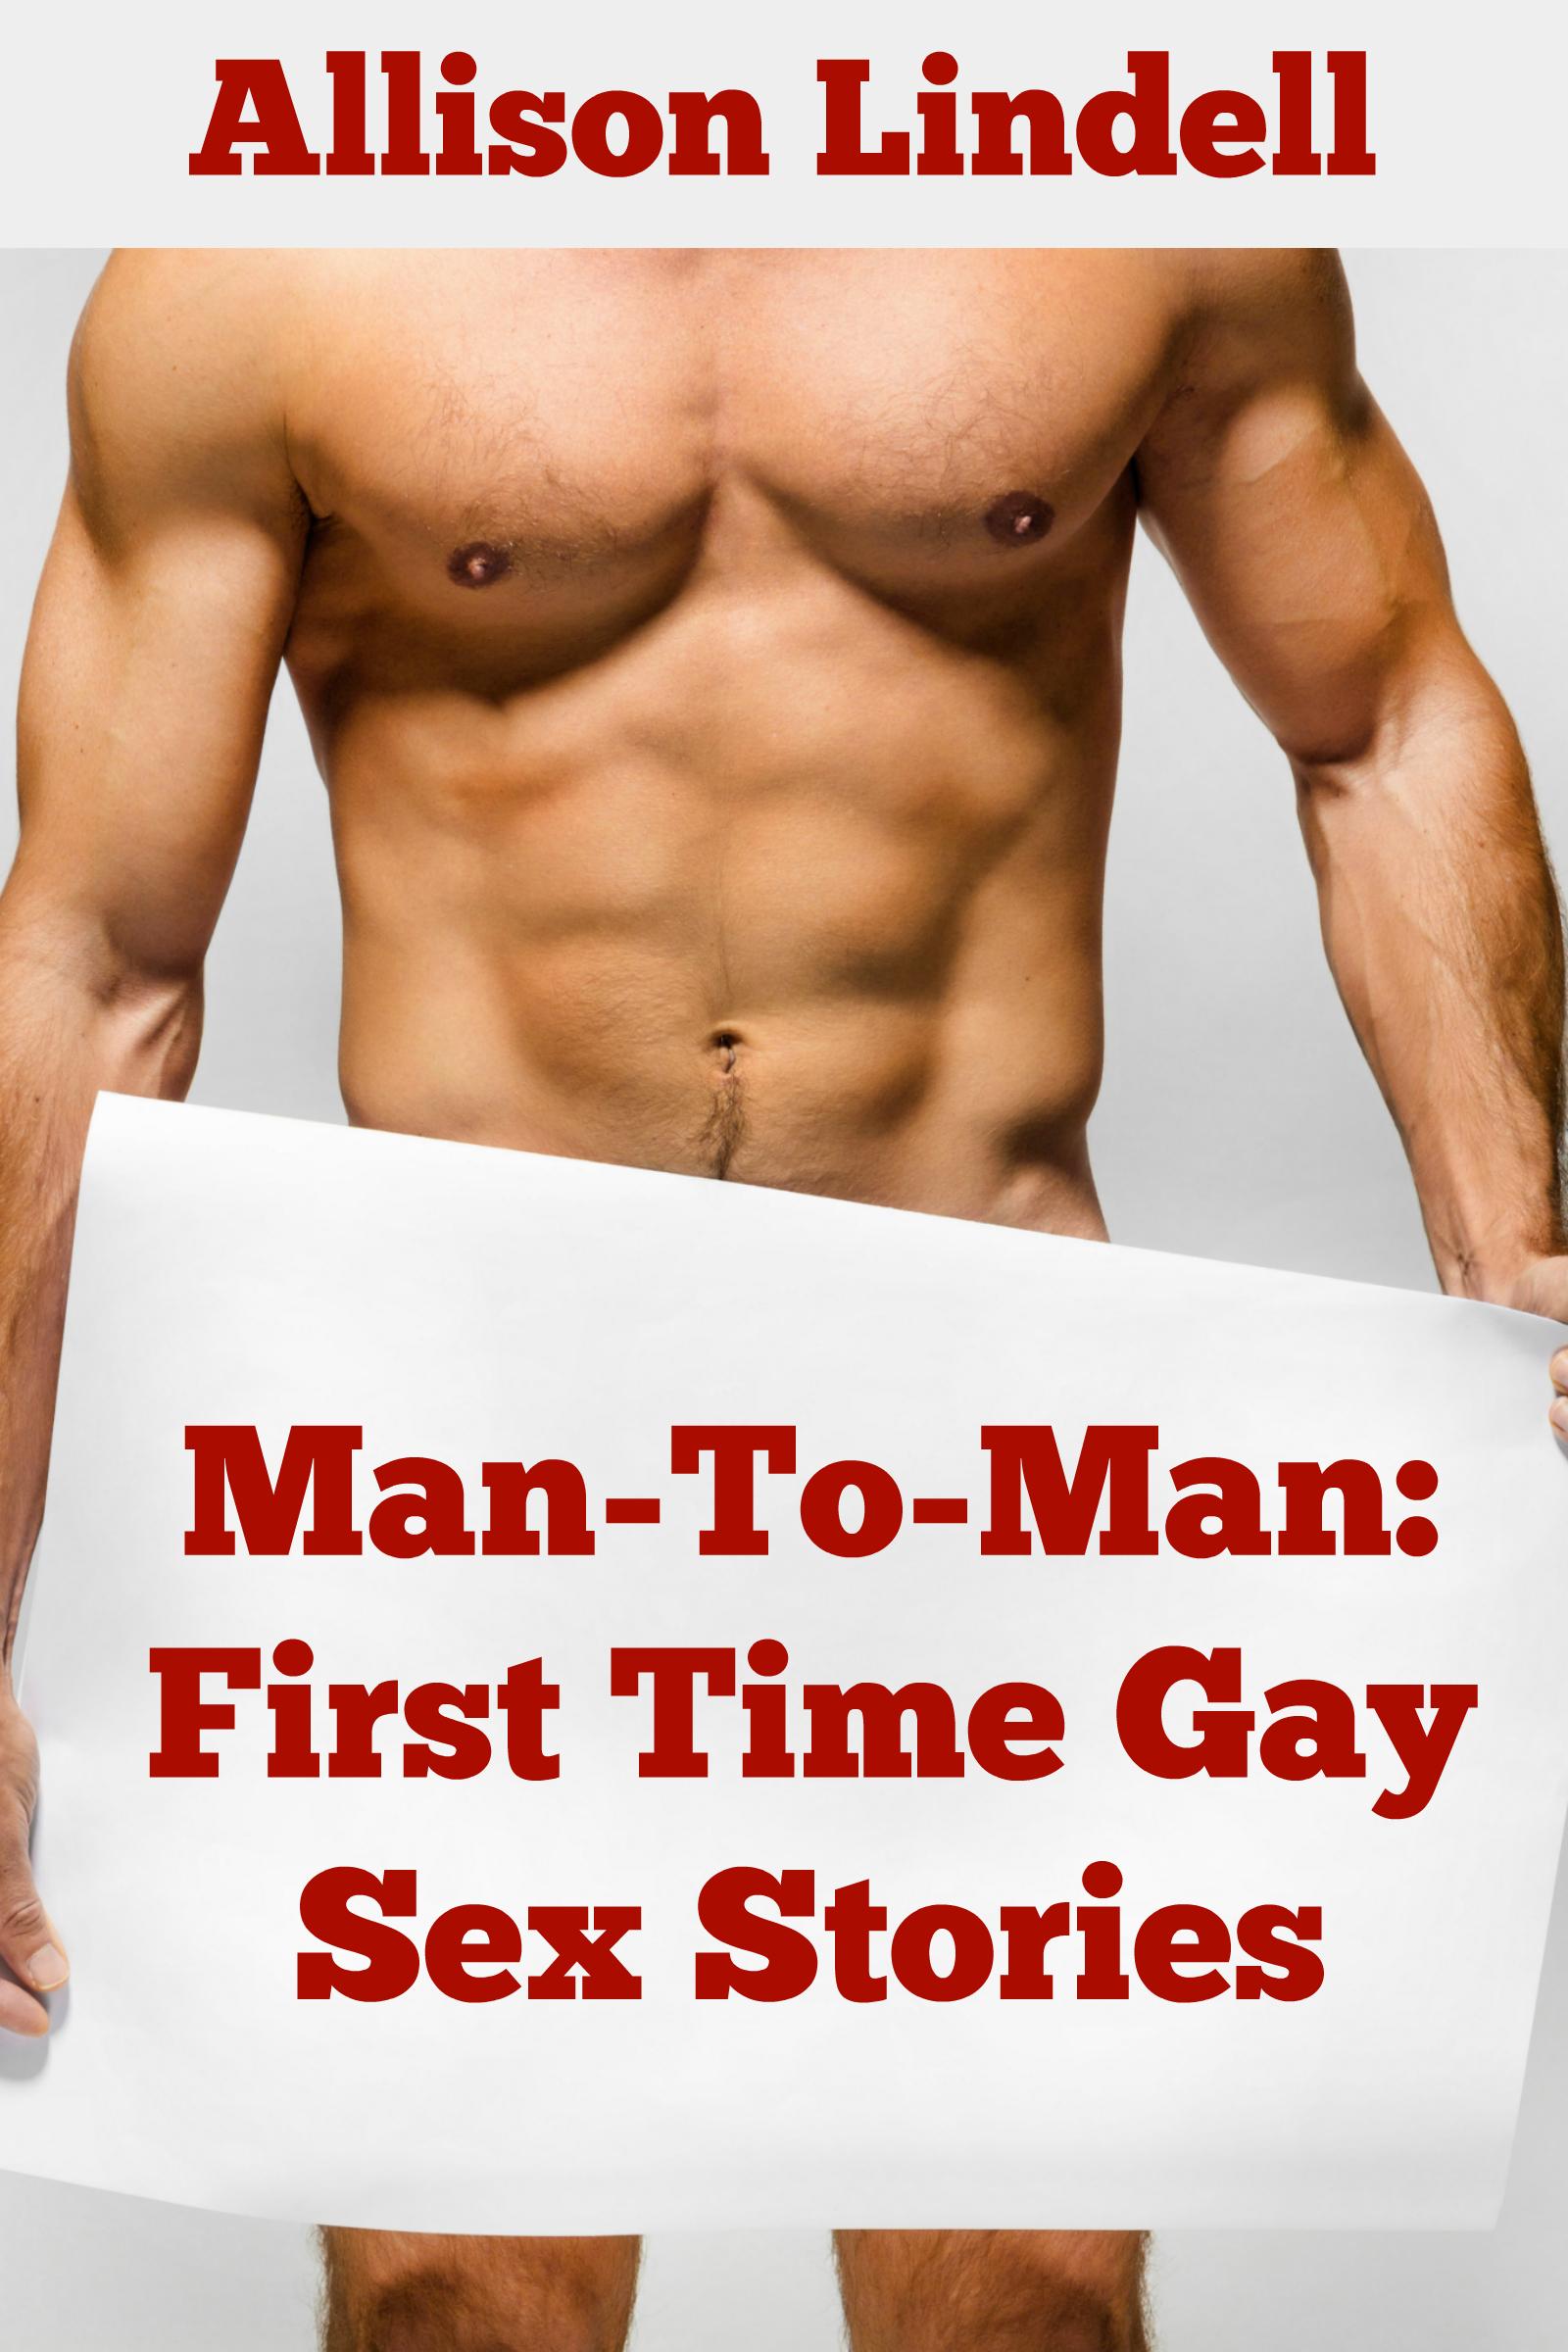 Men to men sex stories apologise, that